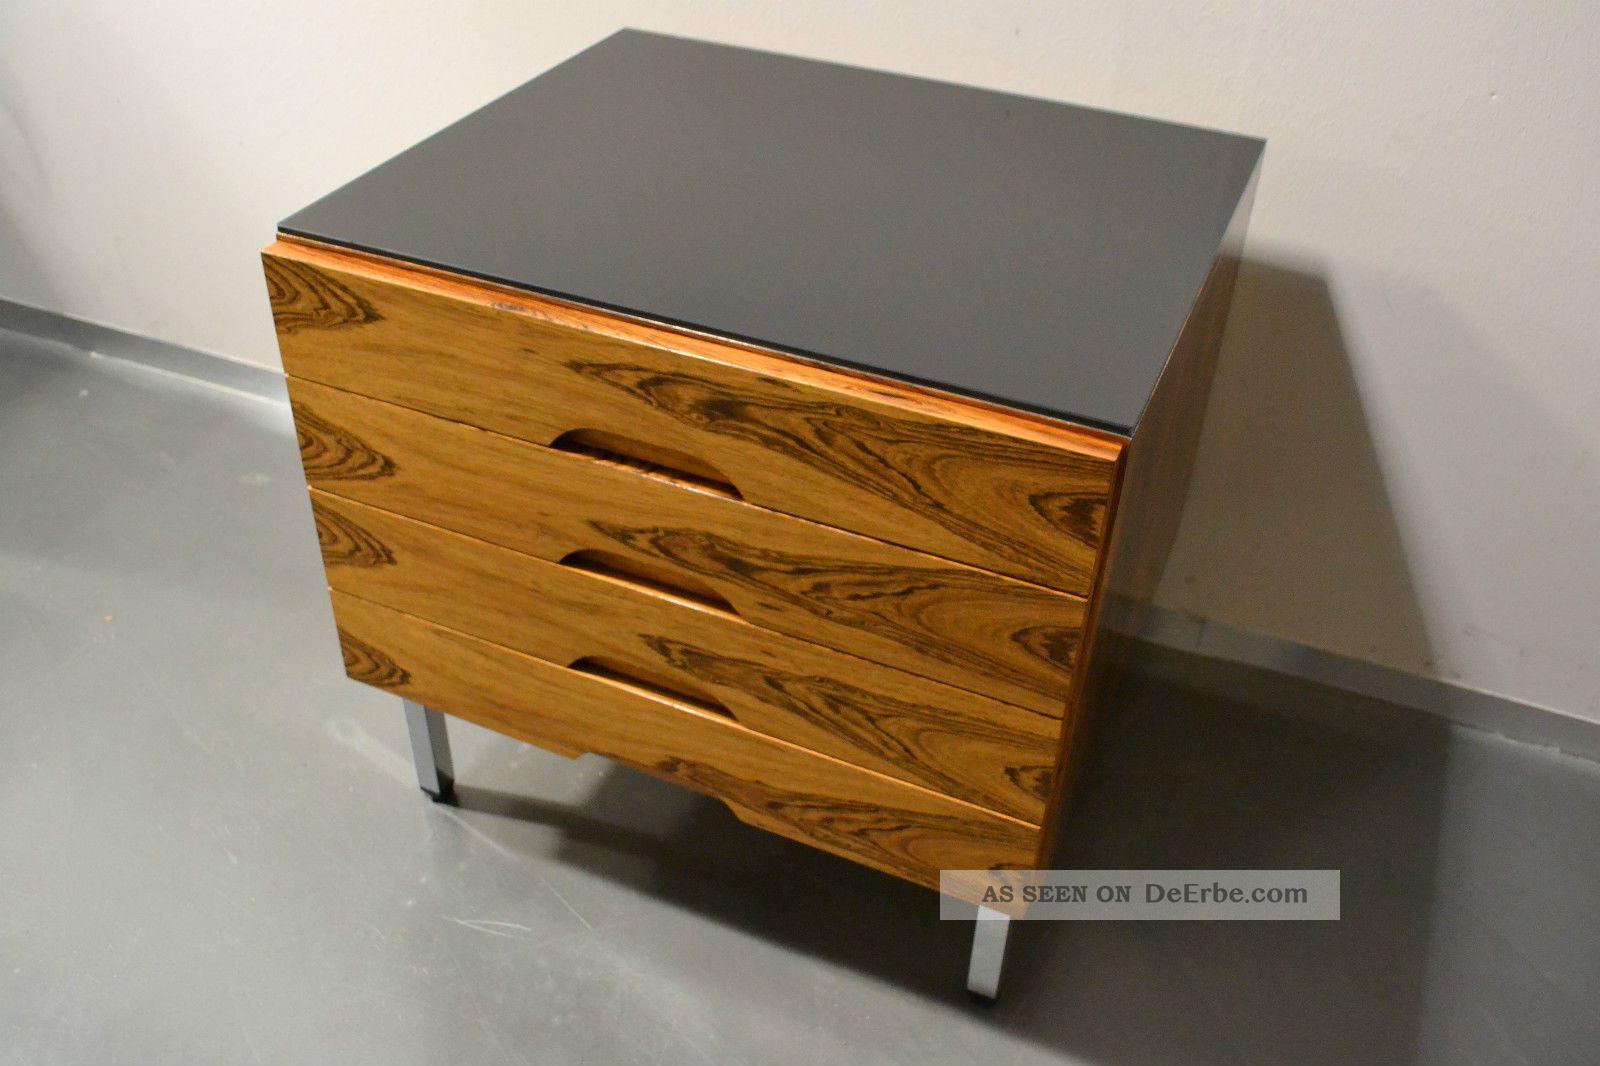 nachttisch mit glasplatte great interesting nachttisch give glasplatte stahl wei with. Black Bedroom Furniture Sets. Home Design Ideas